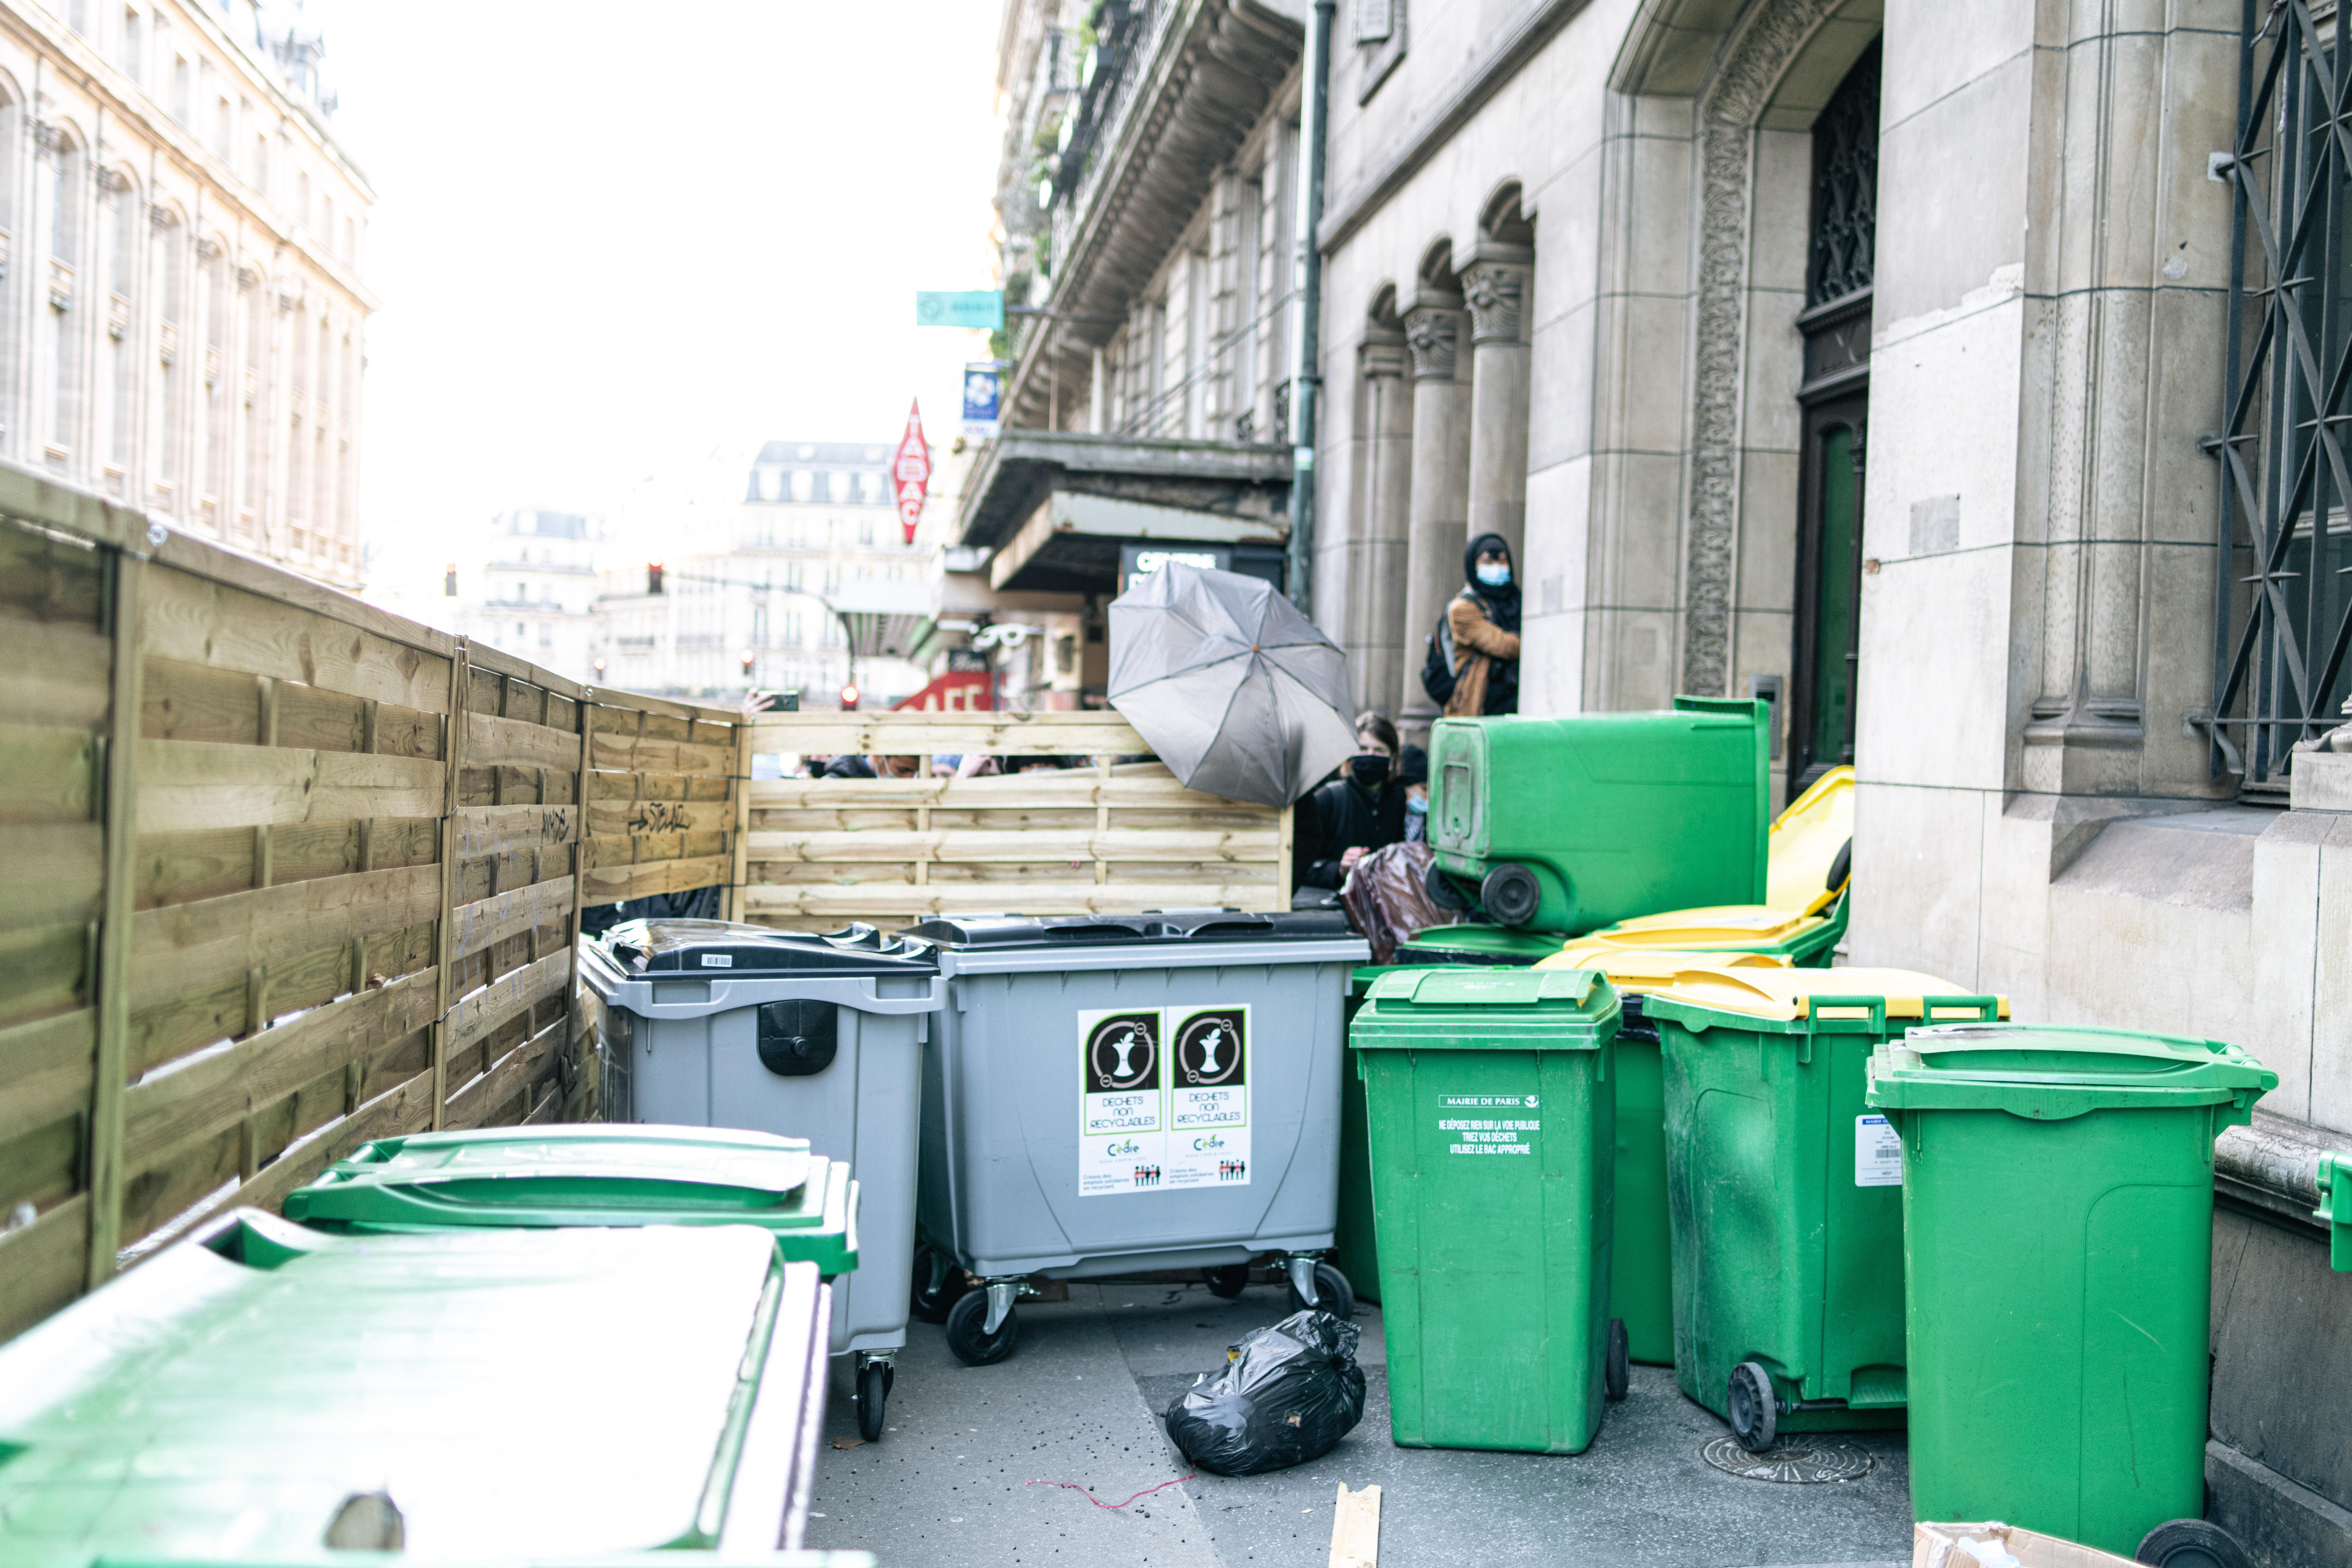 Des lycéens tentent de bloquer l'accès au lycée Racine en créant une barricade de bois et de poubelles devant le lycée Racine à Paris le 26 janvier 2021